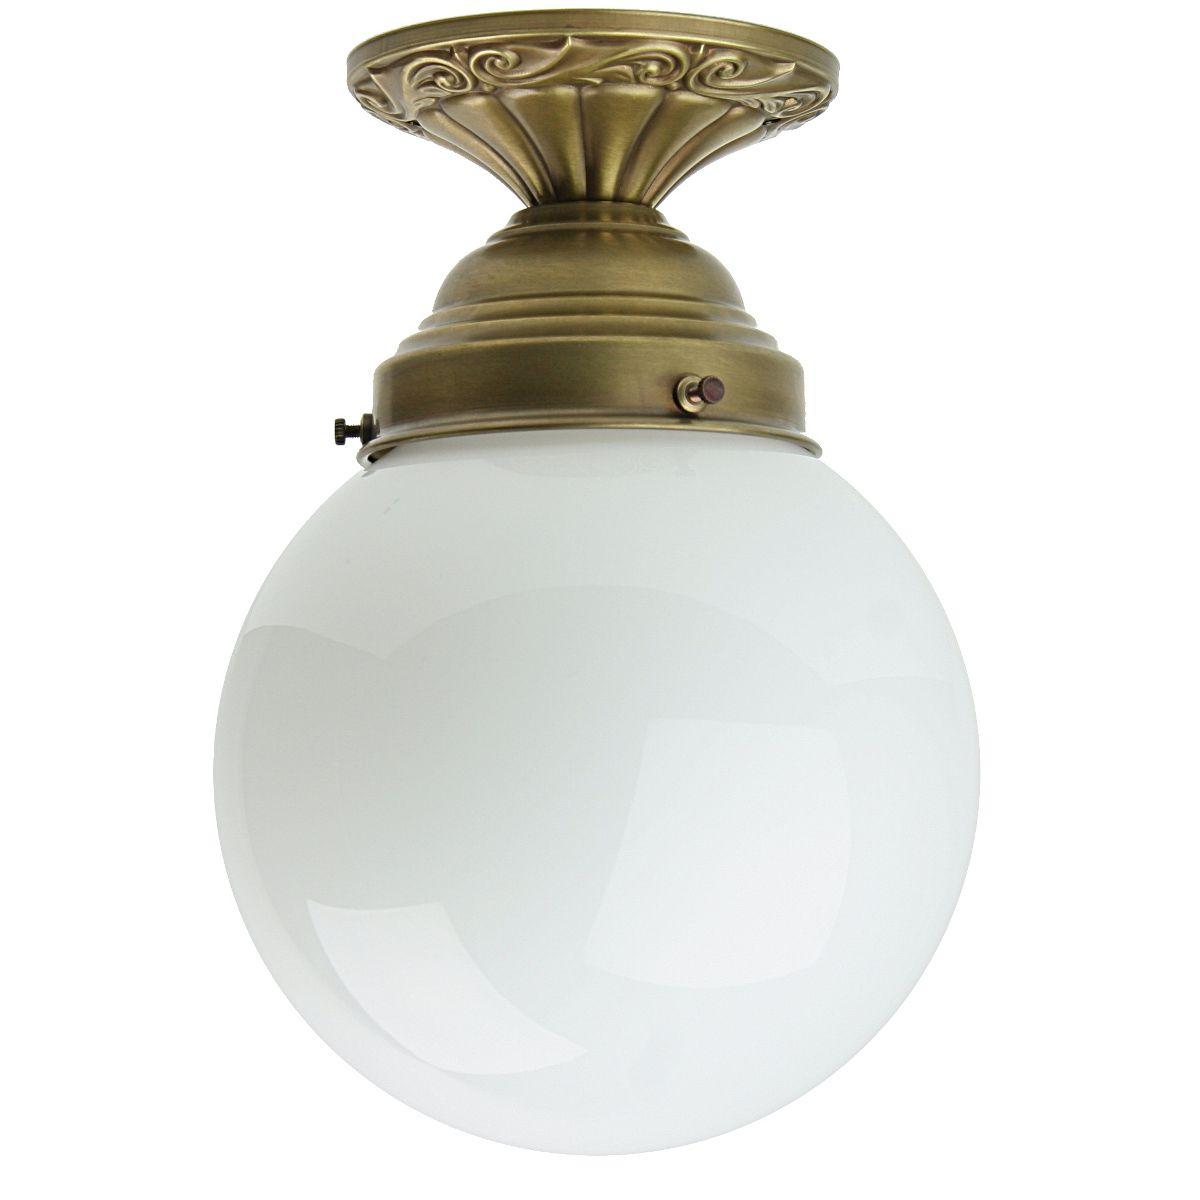 KugelglasOberfläche Design Jugendstil Deckenlampe Weißem Im Mit 8mvnwN0